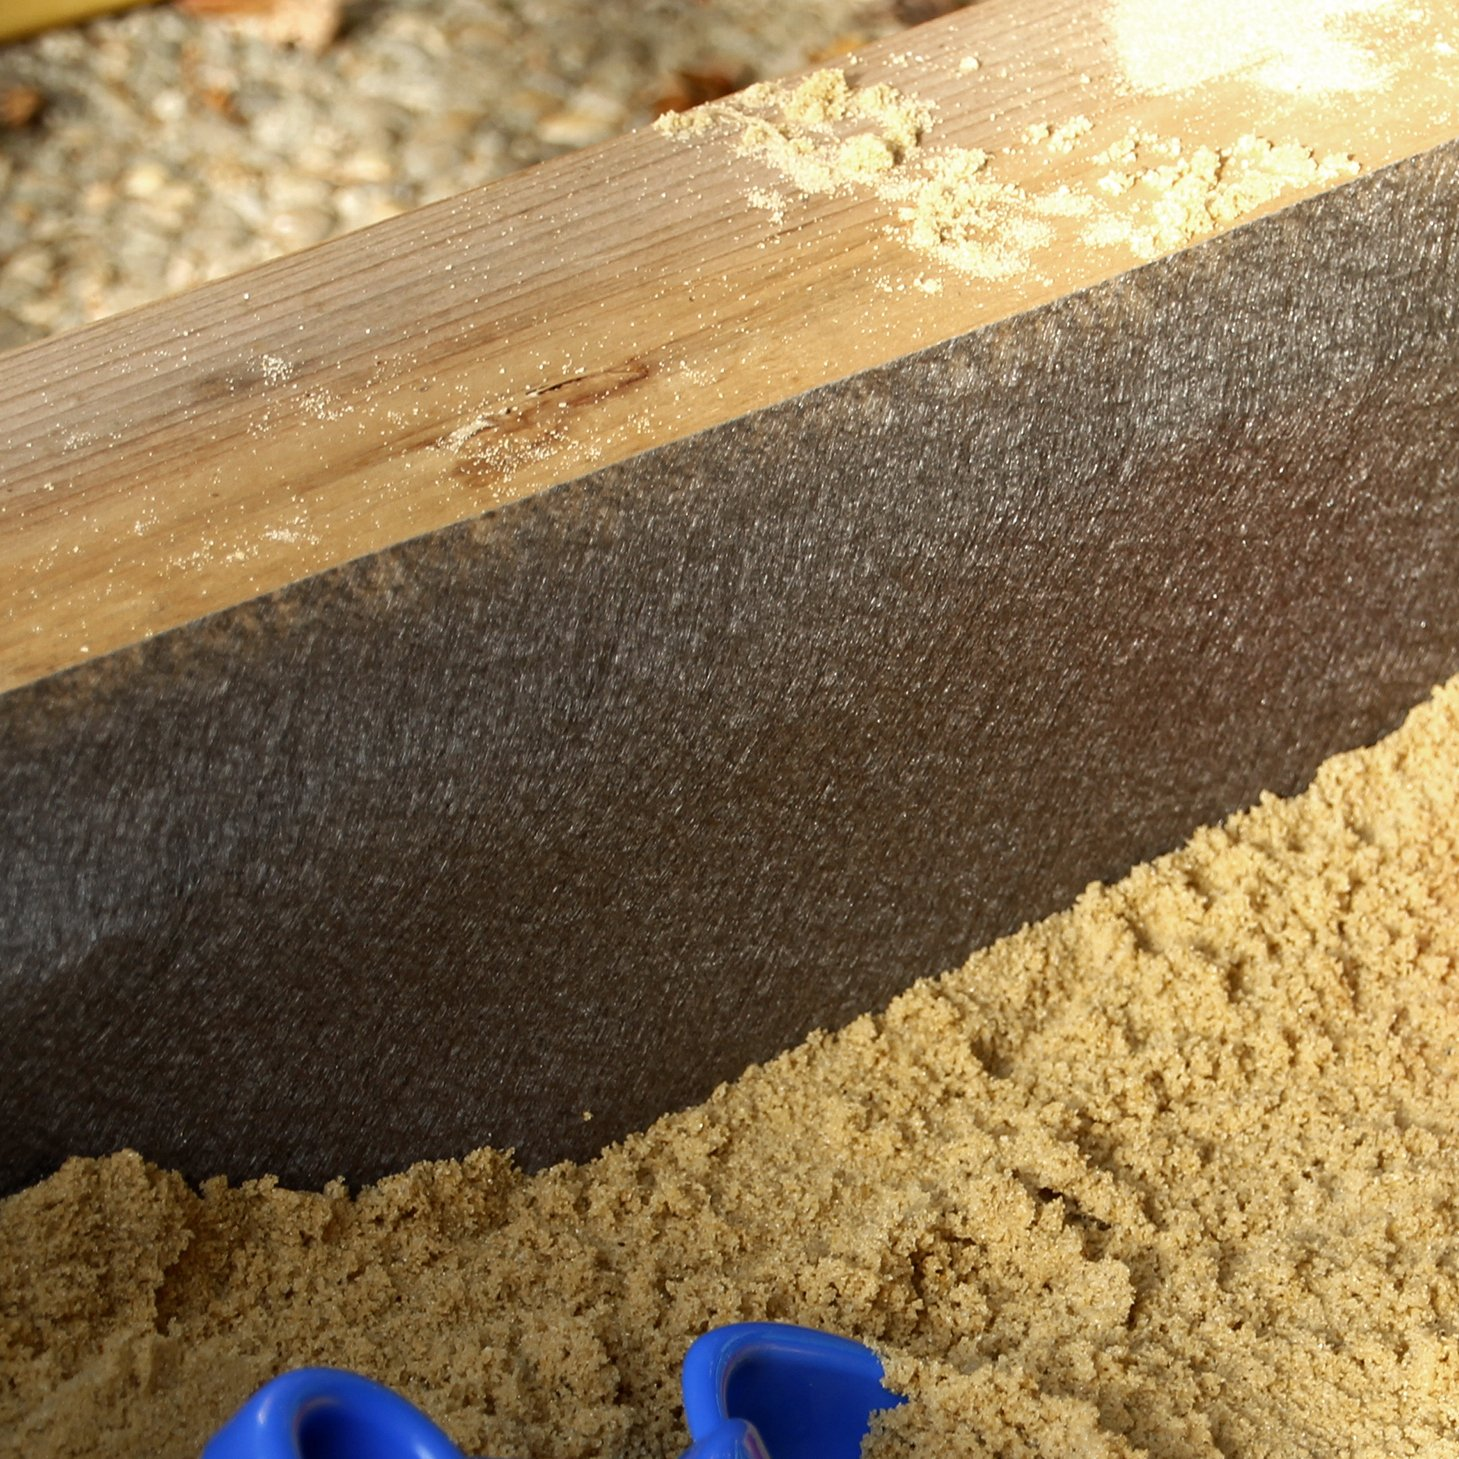 Sandkastenvlies 2×2 m grau Vlies für Sandkasten wasser- und luftdurchlässig vermindert Unkrautwachstum 100 g/m² PP-Vlies